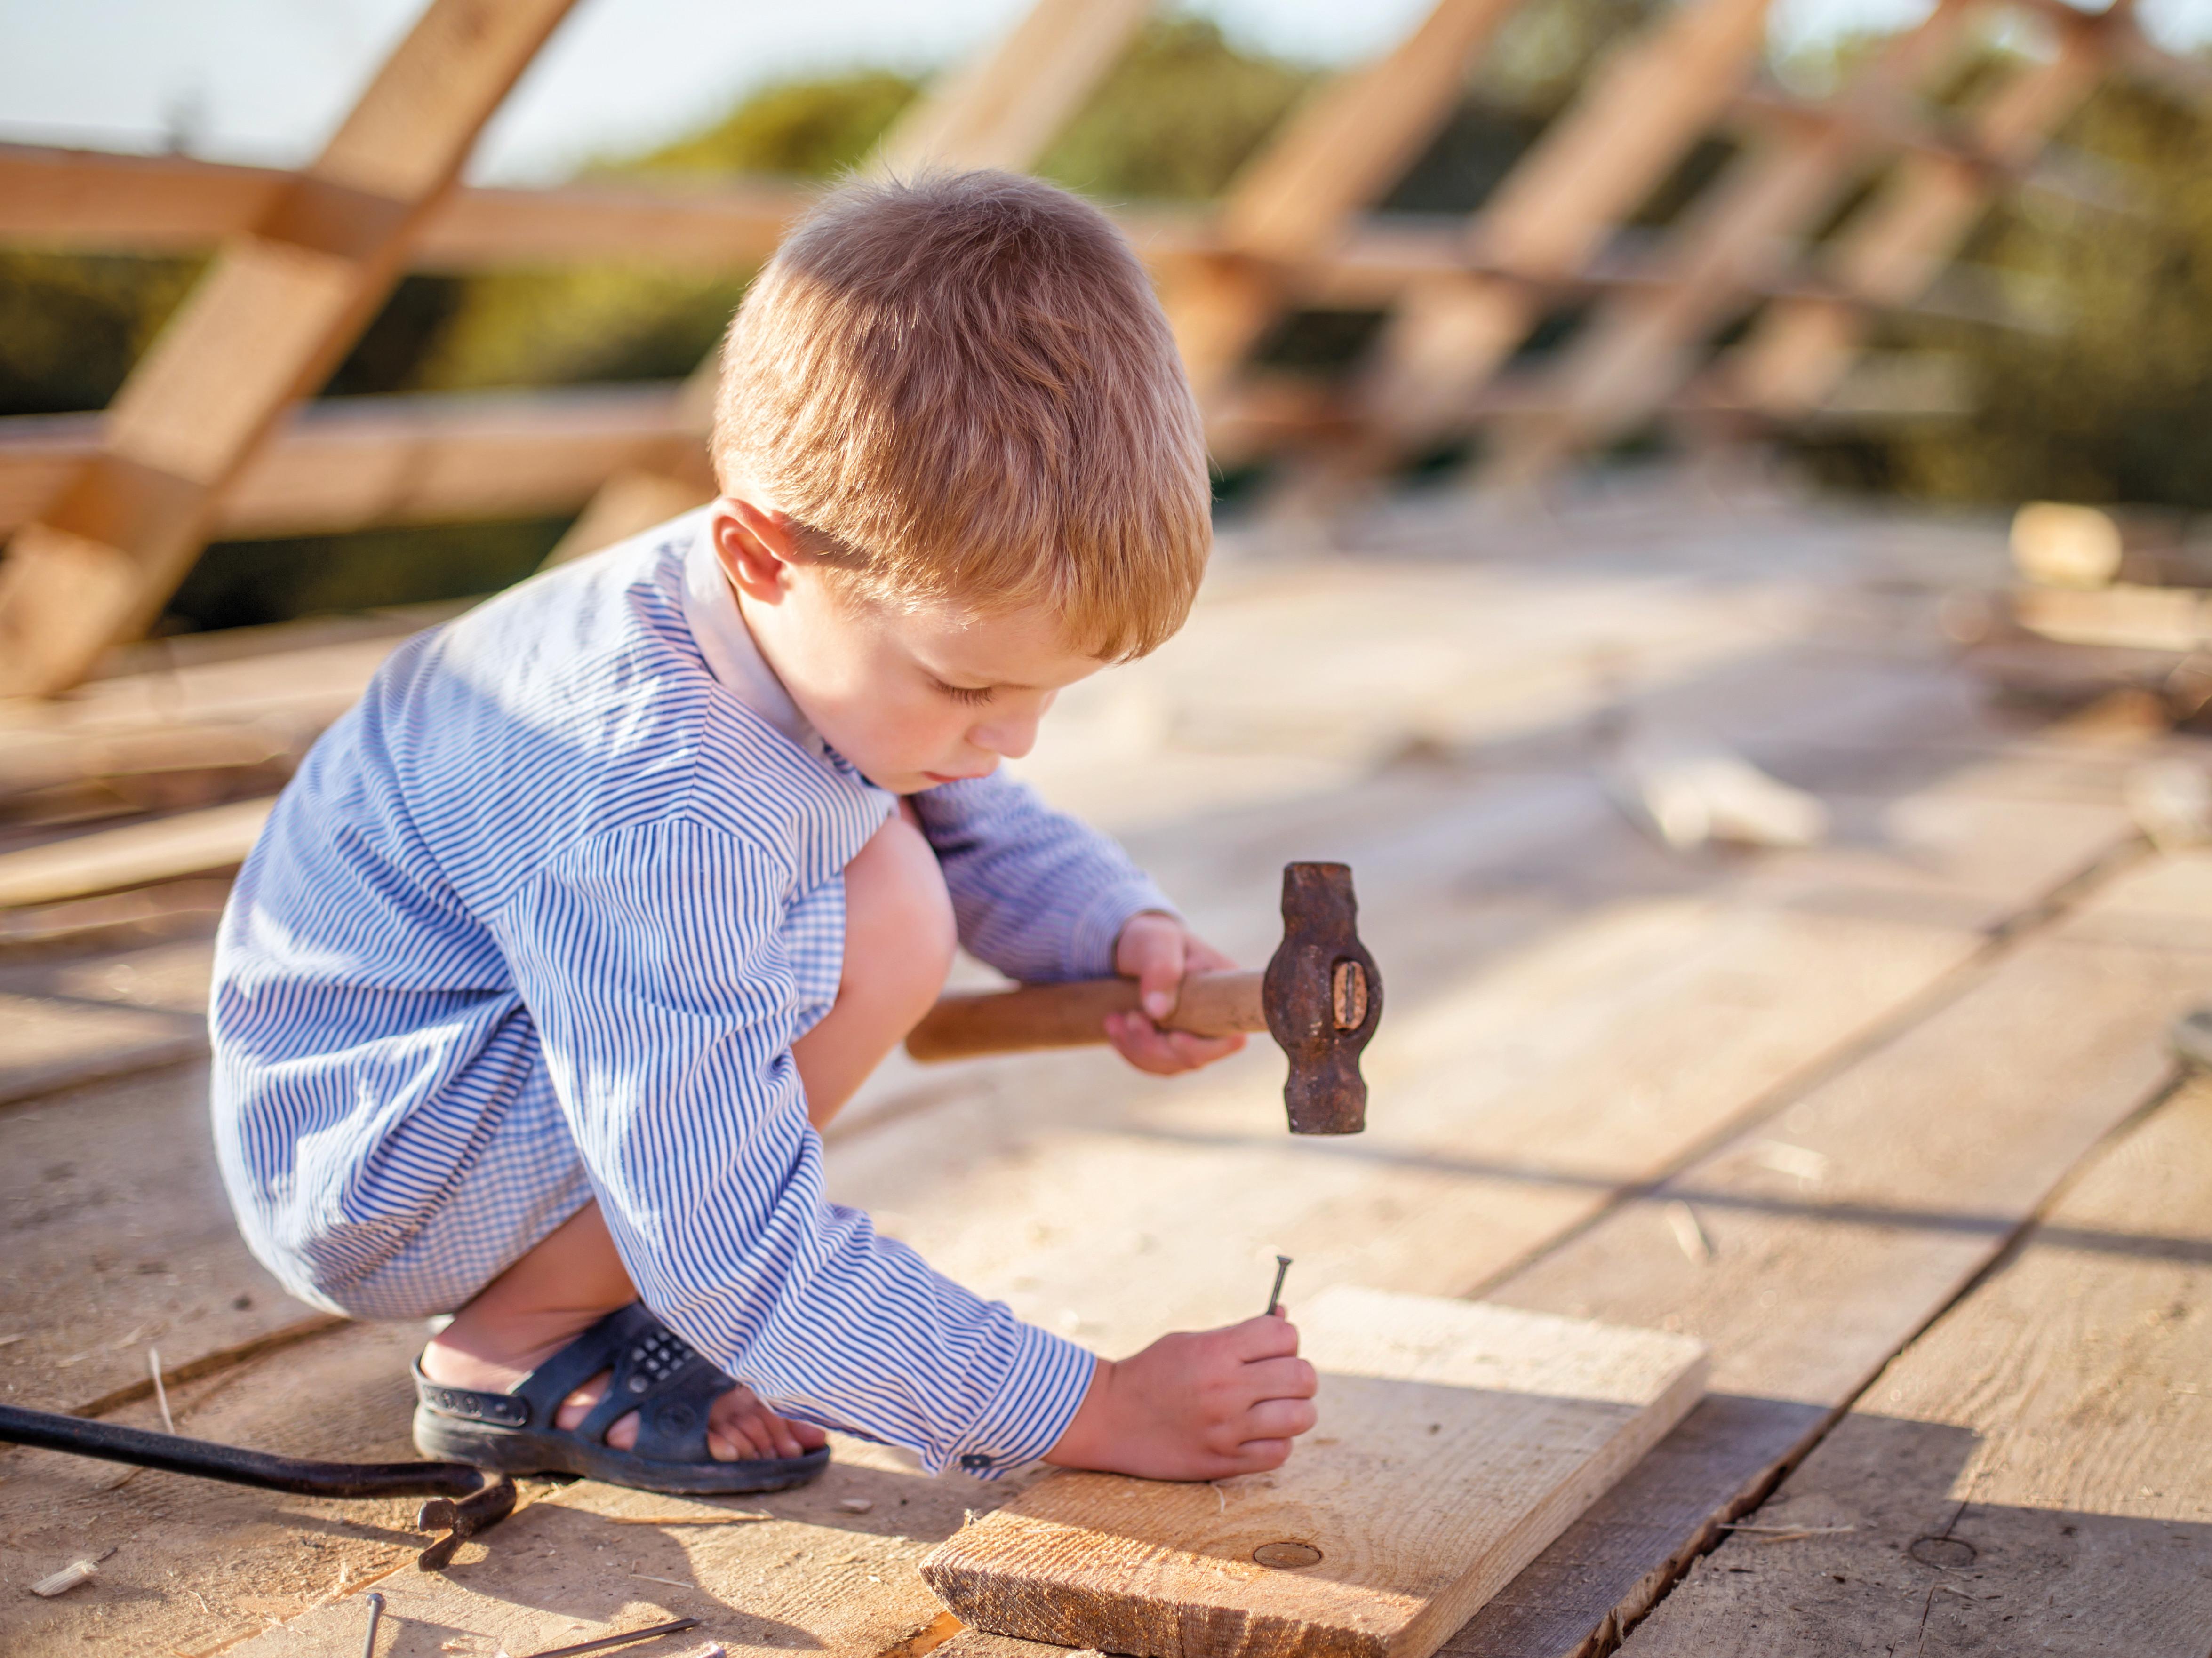 Junge arbeitet am Dach